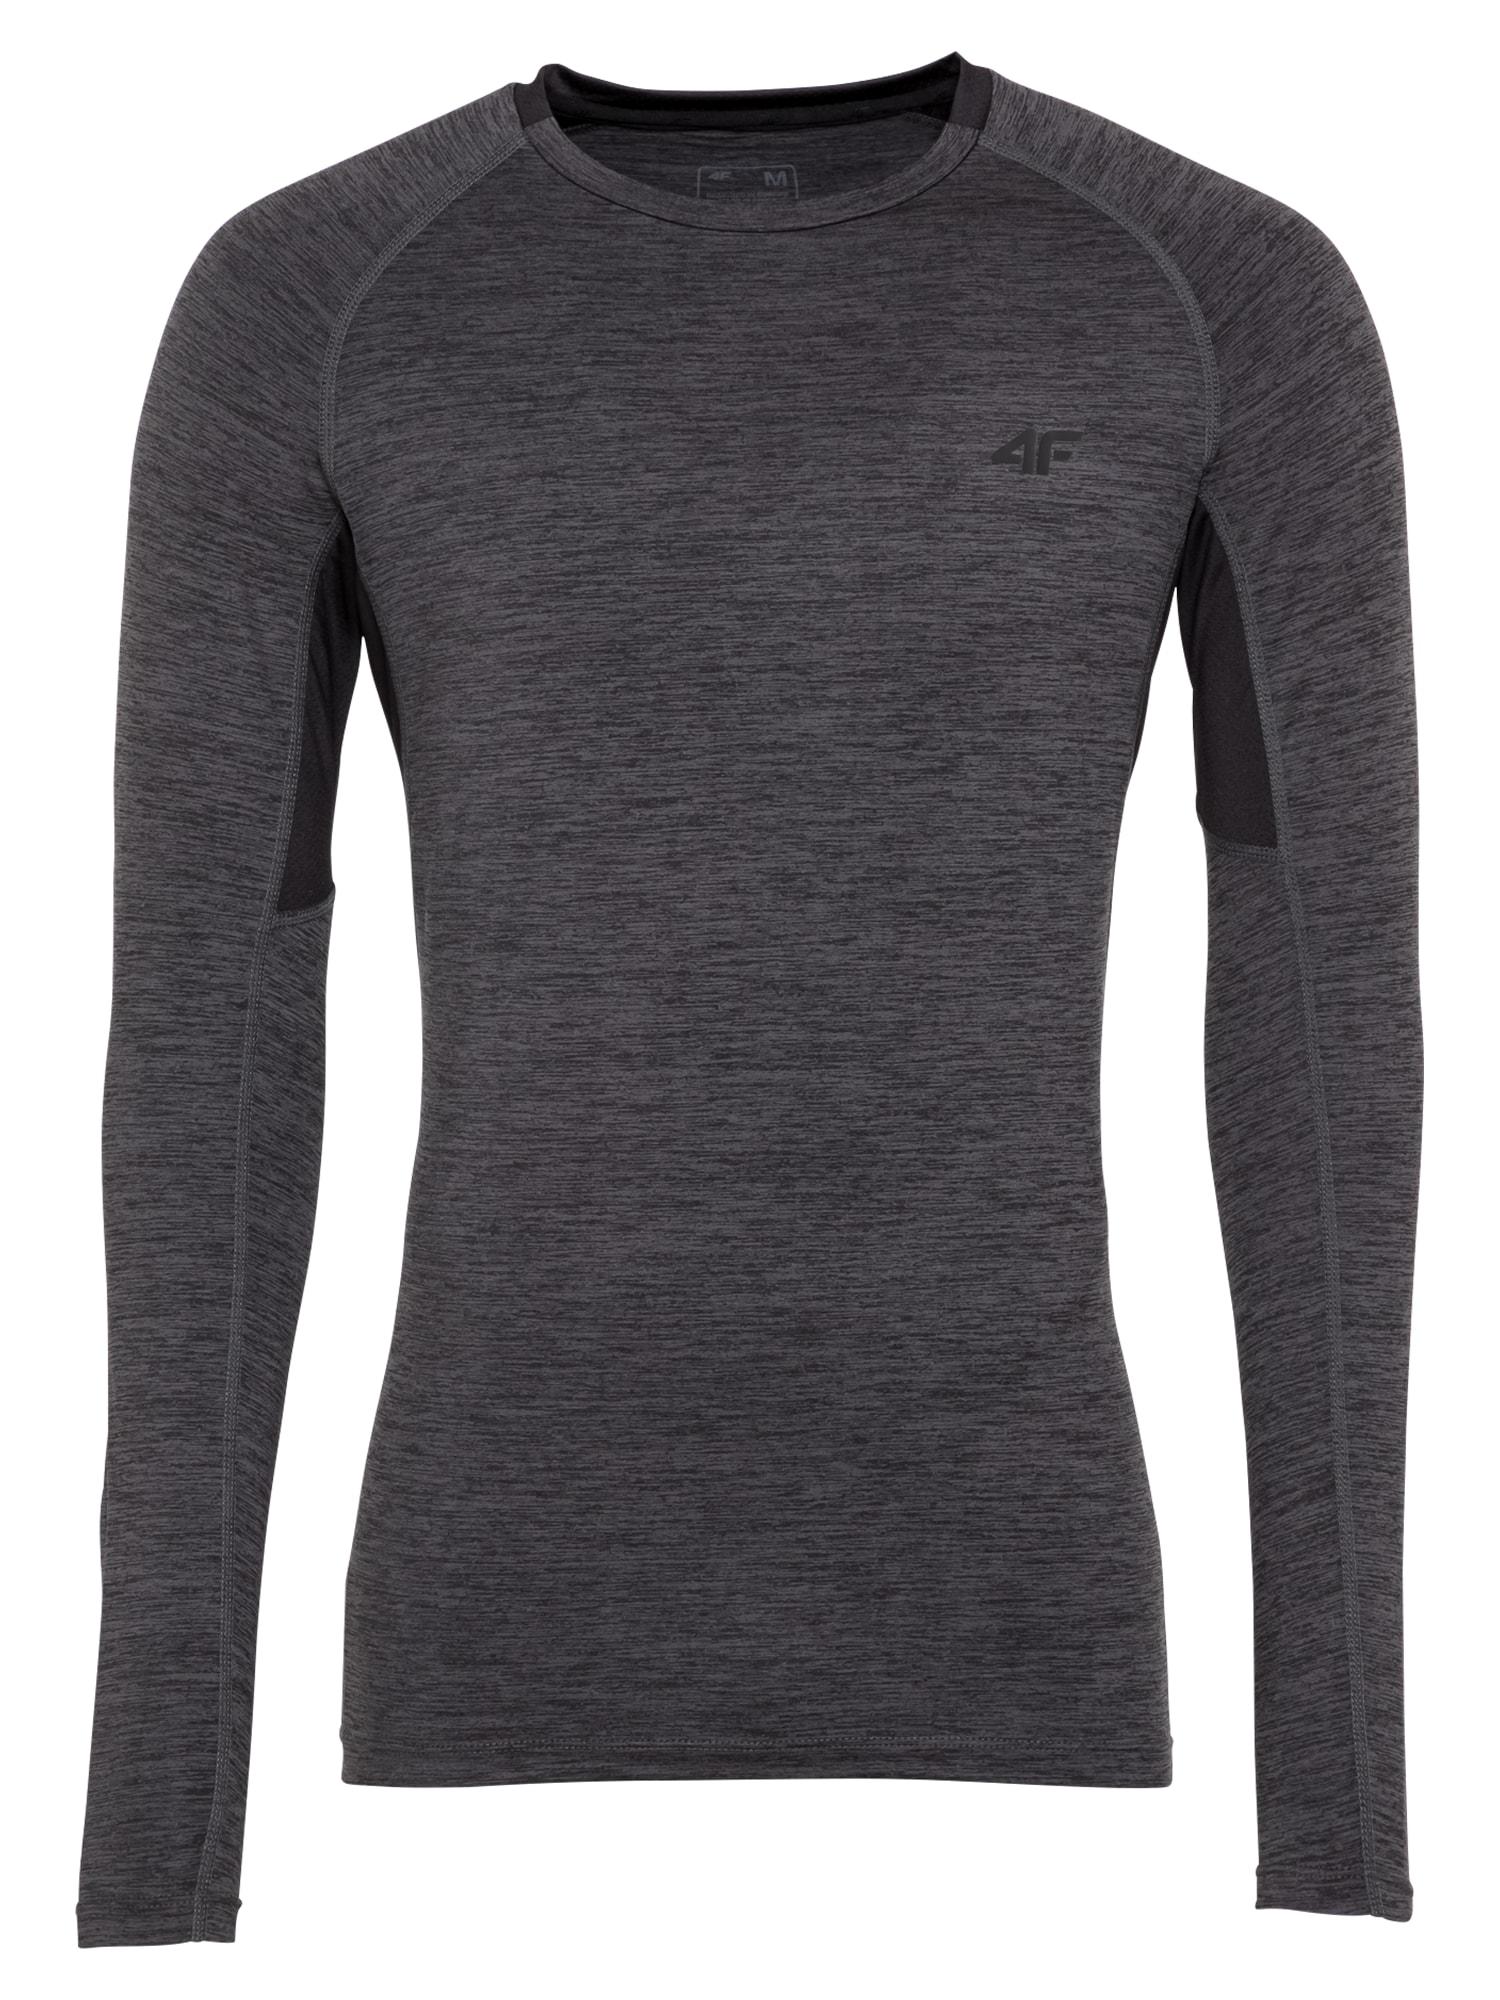 4F Sportiniai marškinėliai tamsiai pilka / juoda